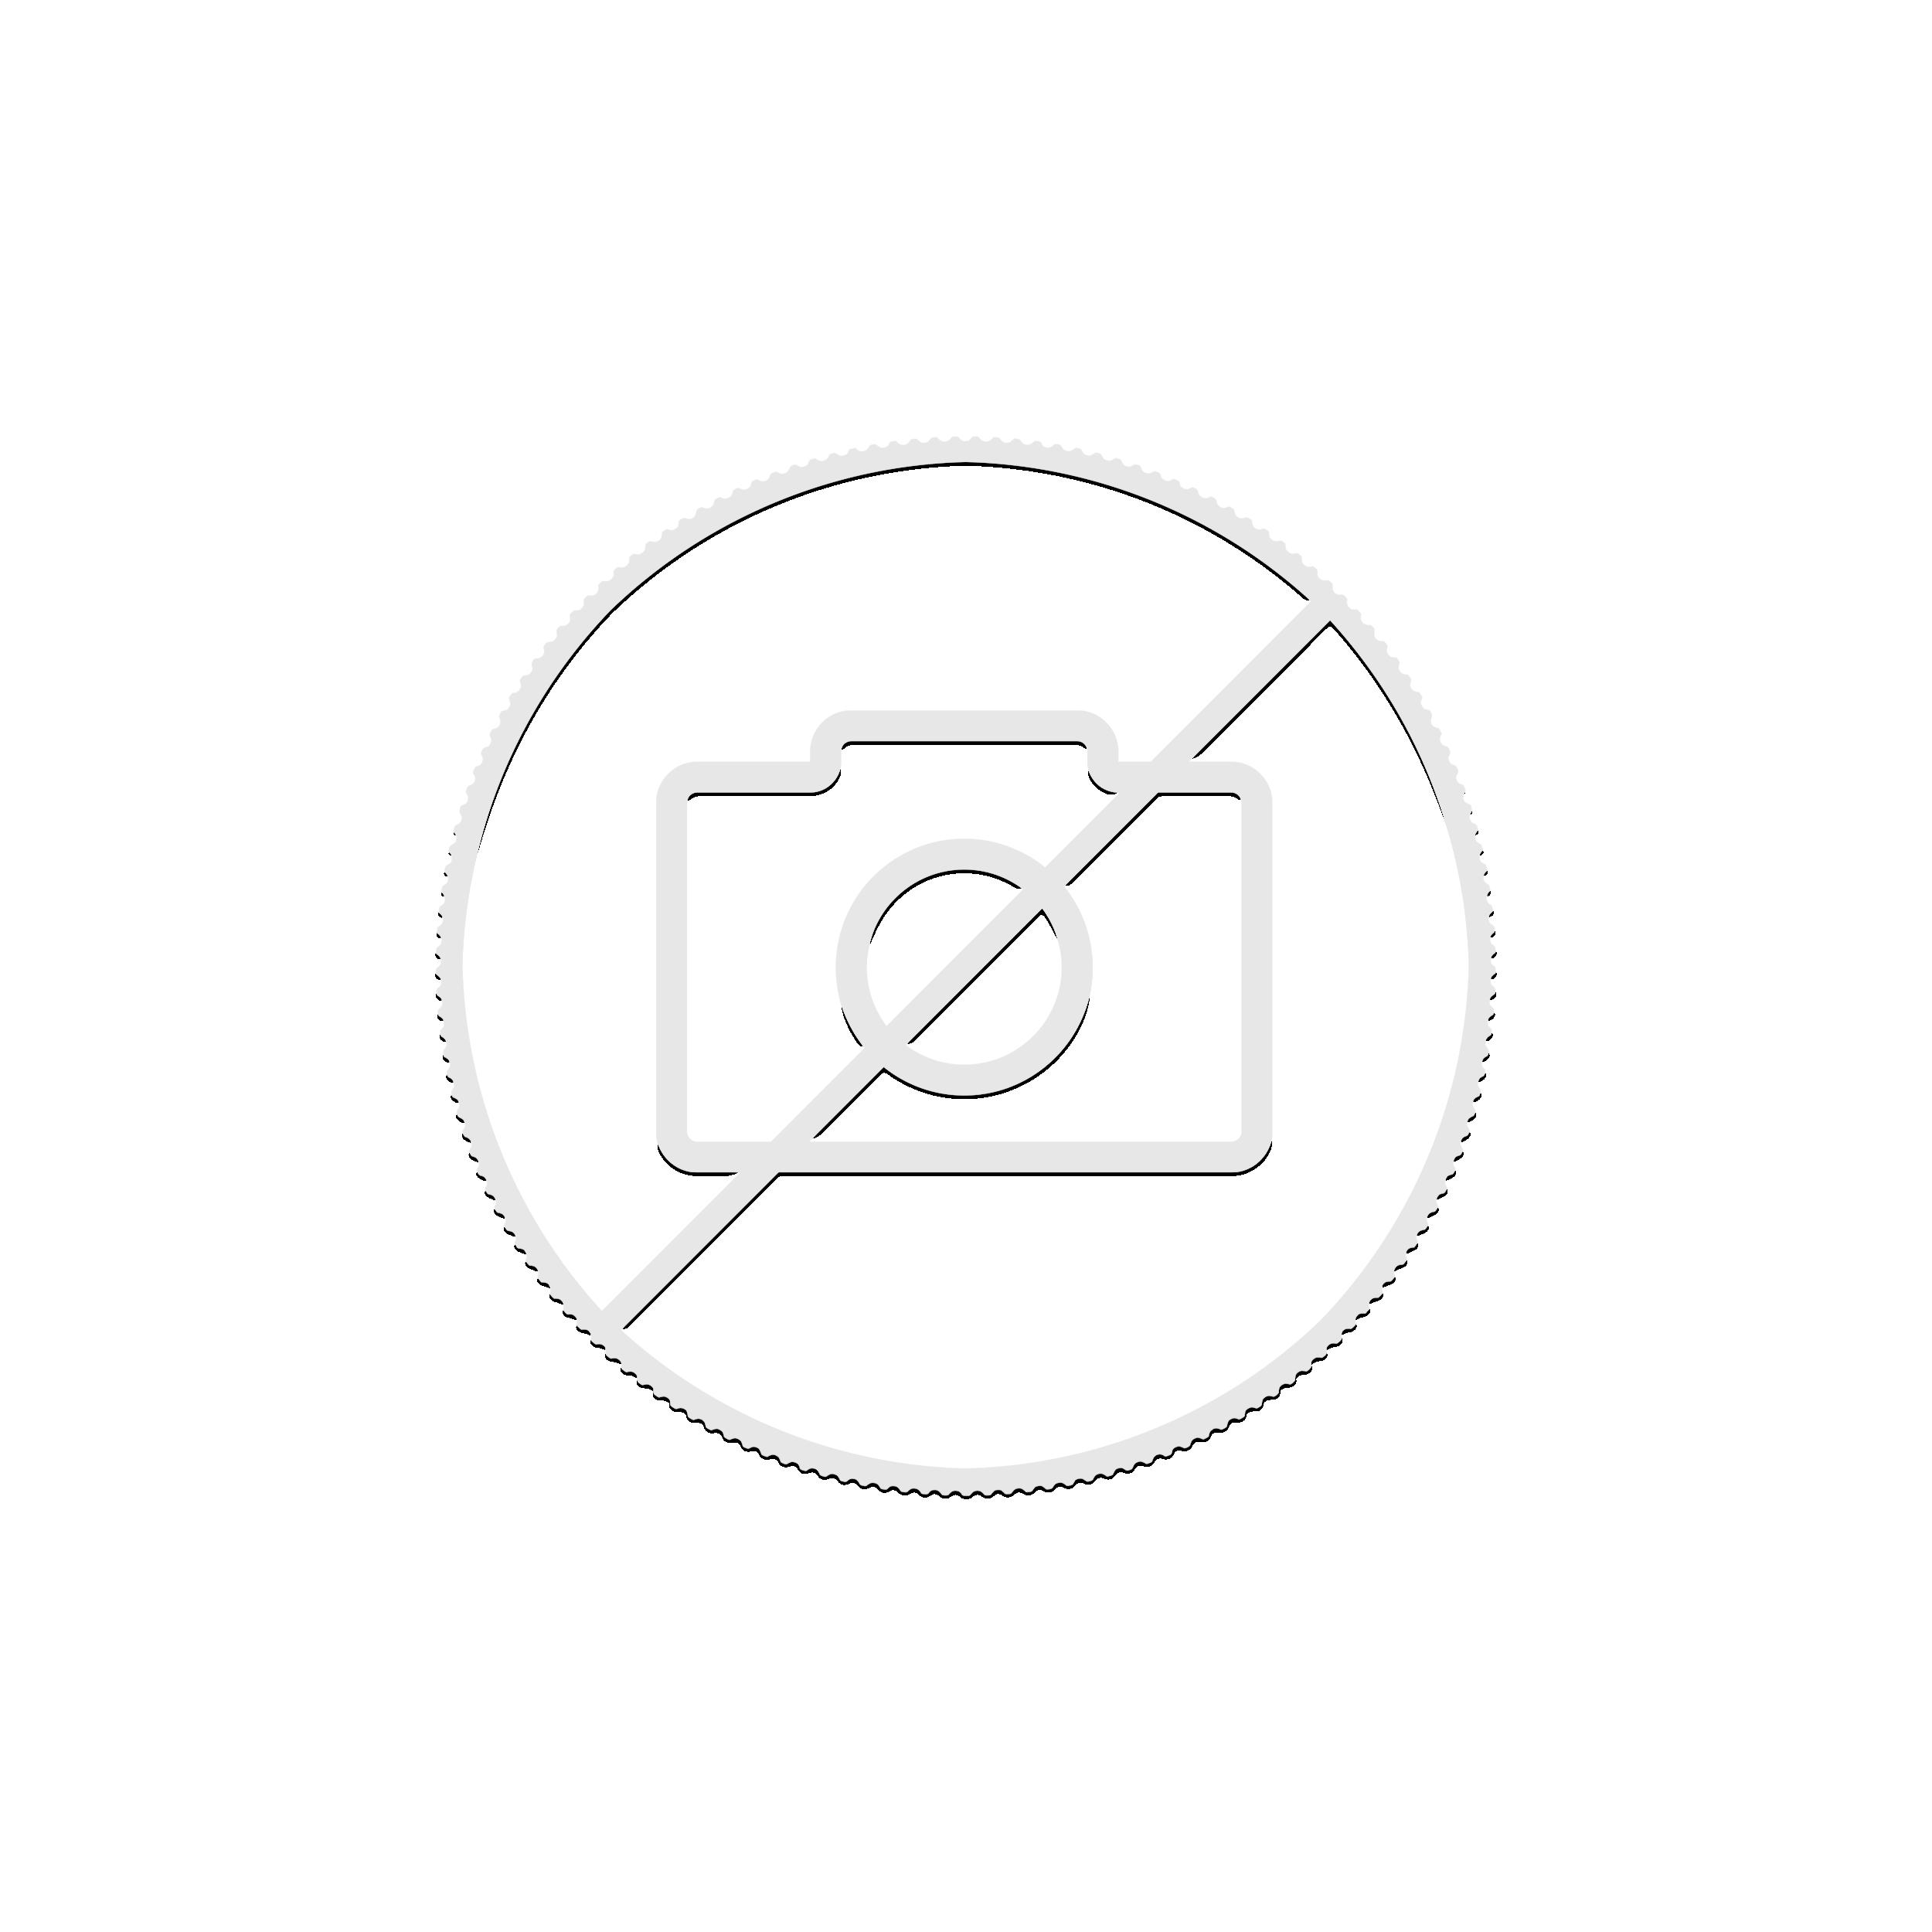 1 troy ounce zilveren Krugerrand 2020 - Noorderlicht